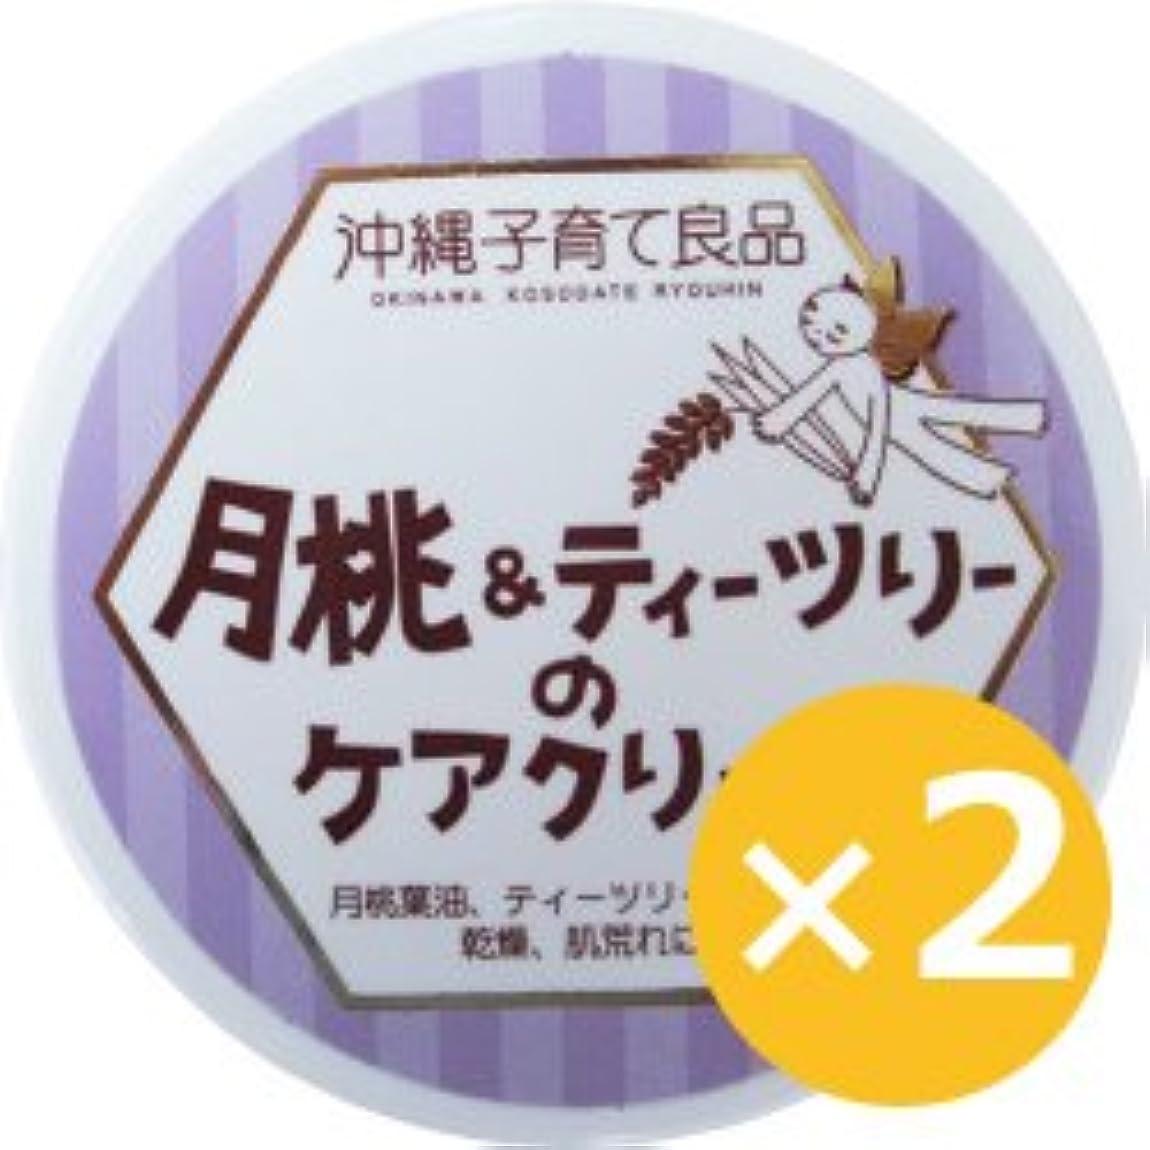 ブローコモランマキリスト教月桃&ティーツリークリーム 25g×2